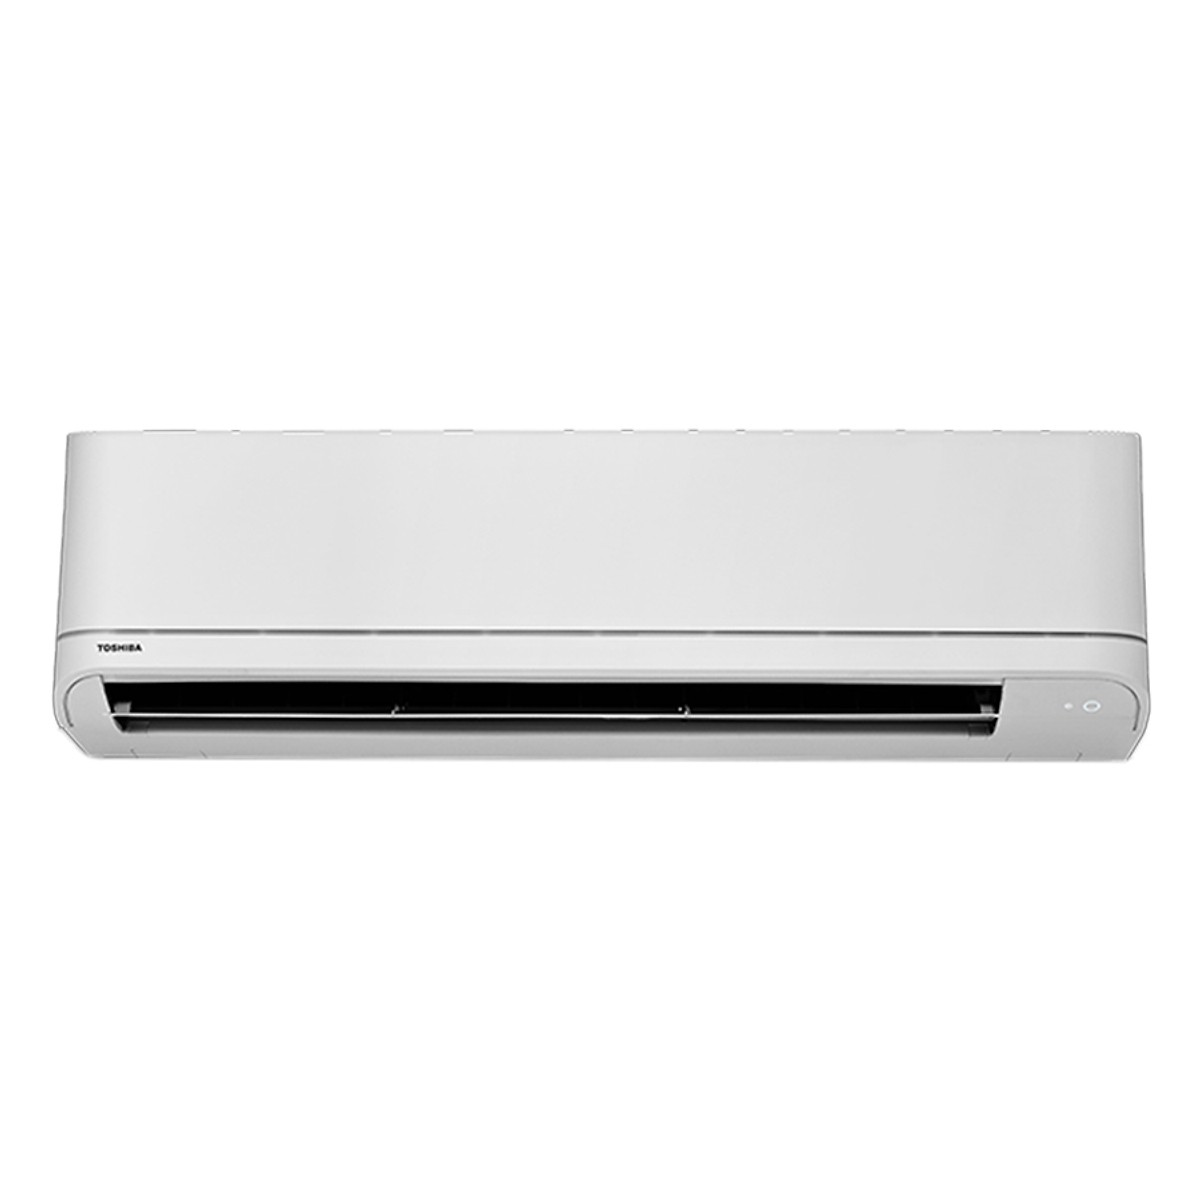 Máy Lạnh Toshiba 1 Hp Ras-H10u2ksg-V-Hàng Chính Hãng